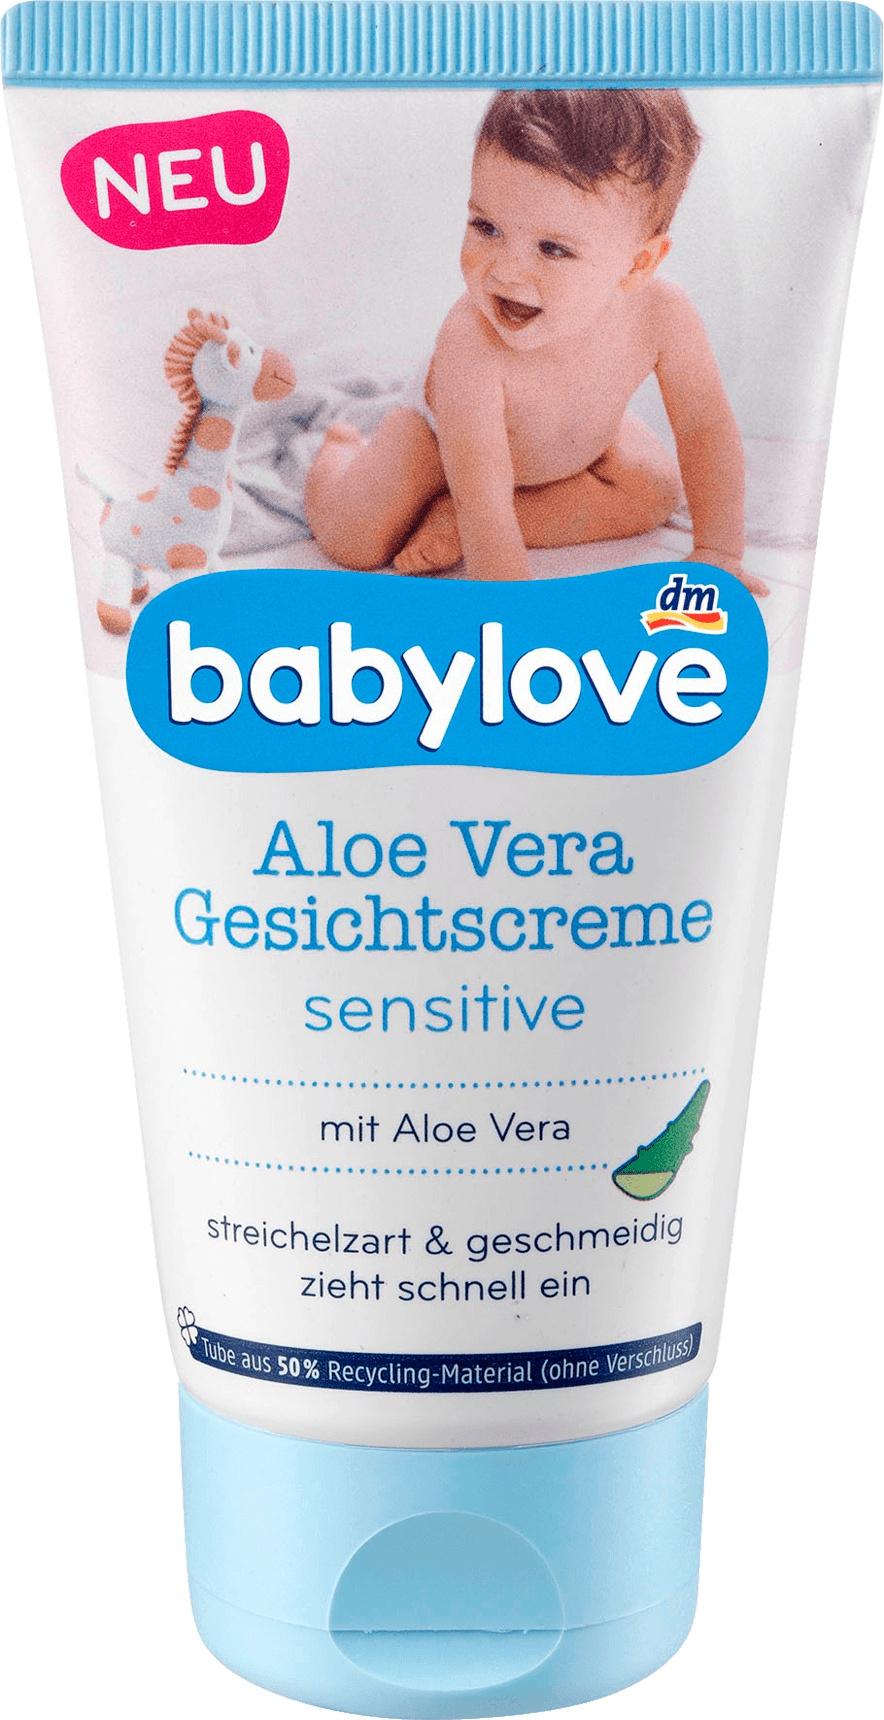 Babylove Aloa Vera Gesichtscreme